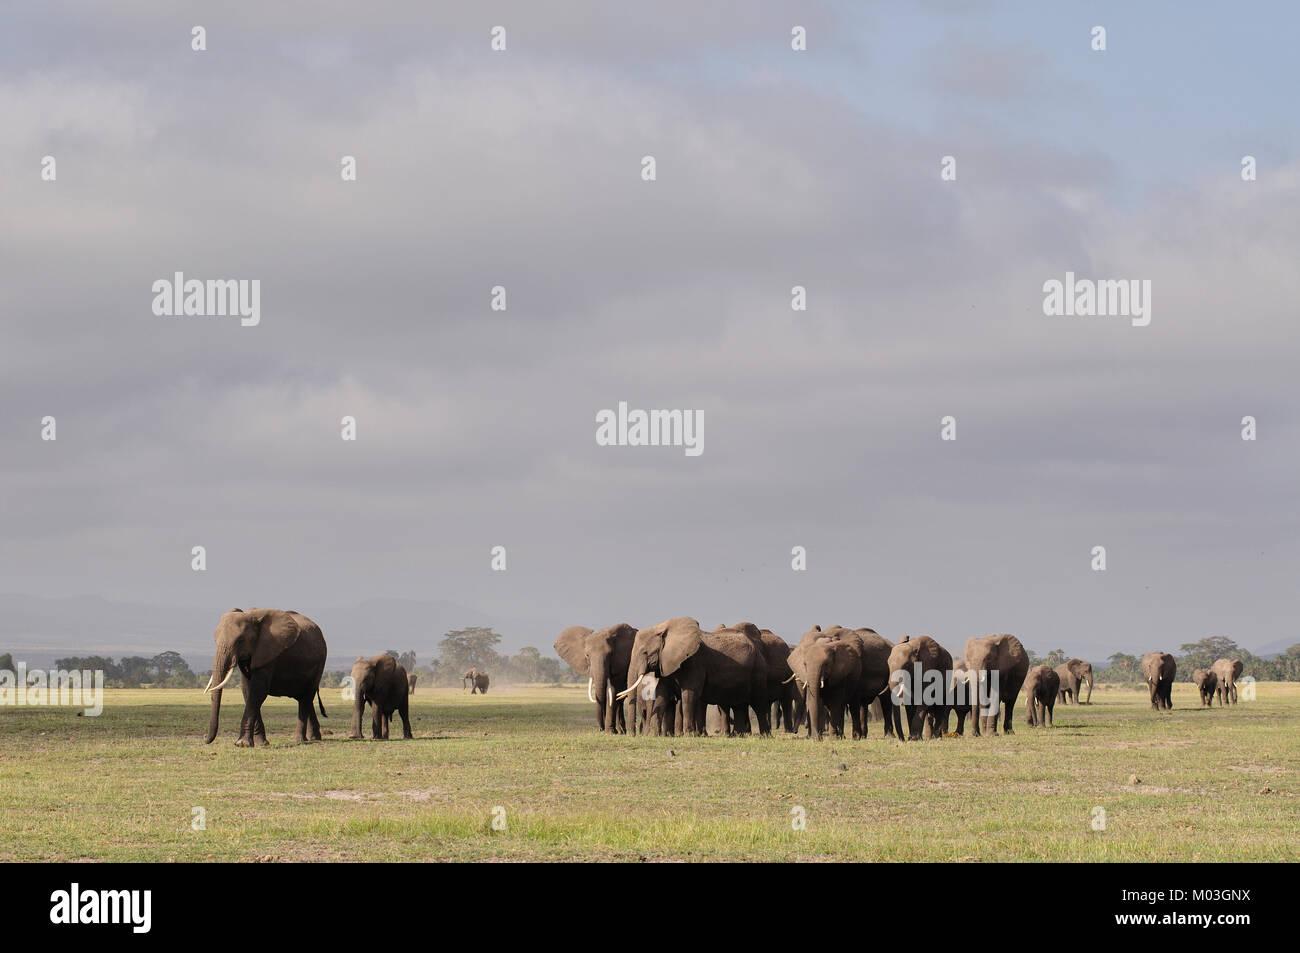 Large Herd of African elephants Amboseli Kenya - Stock Image